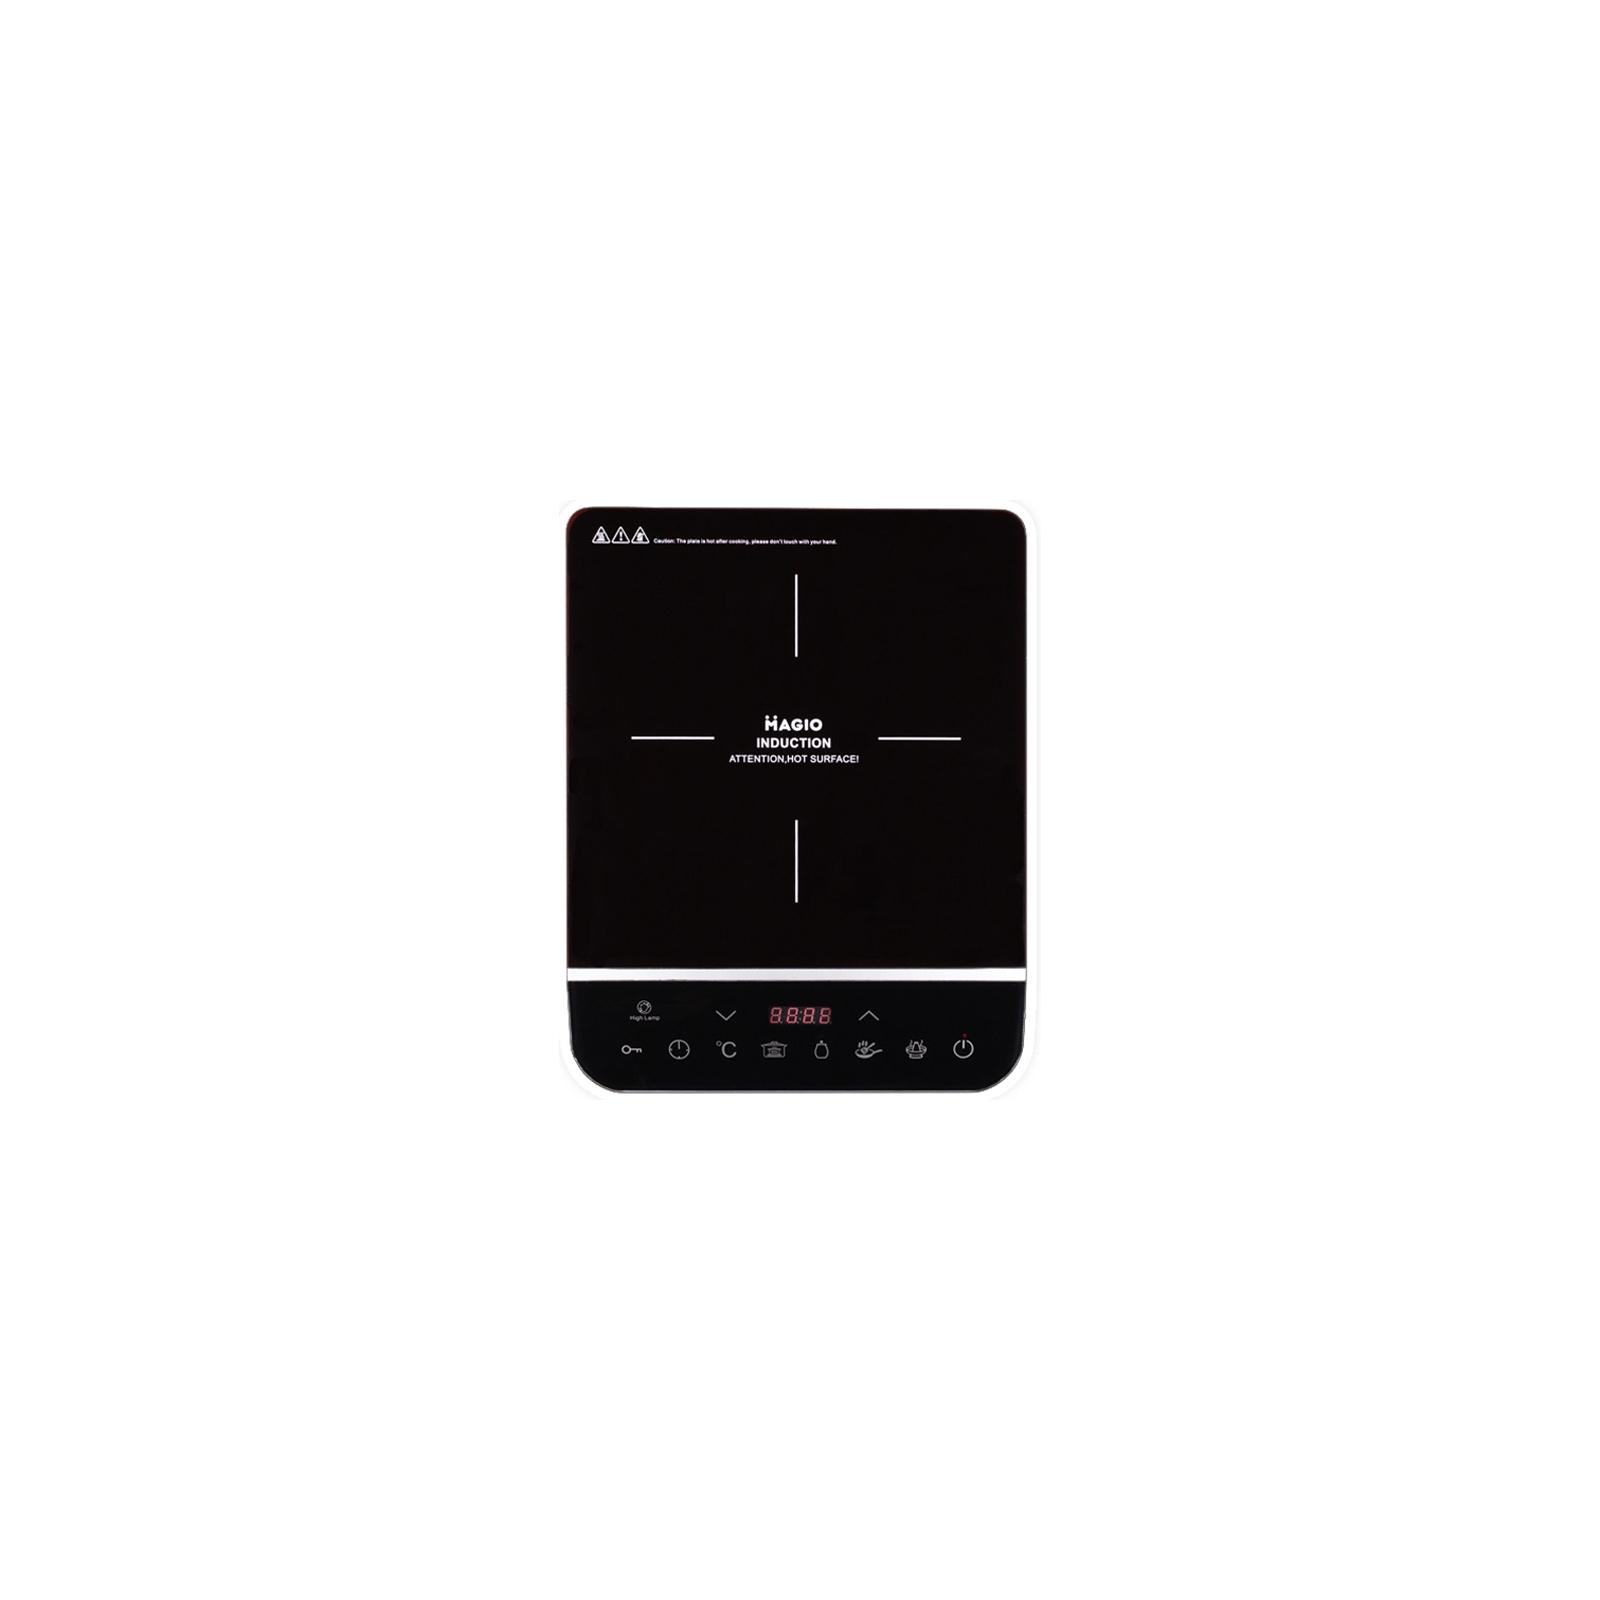 Електроплитка Magio MG-447